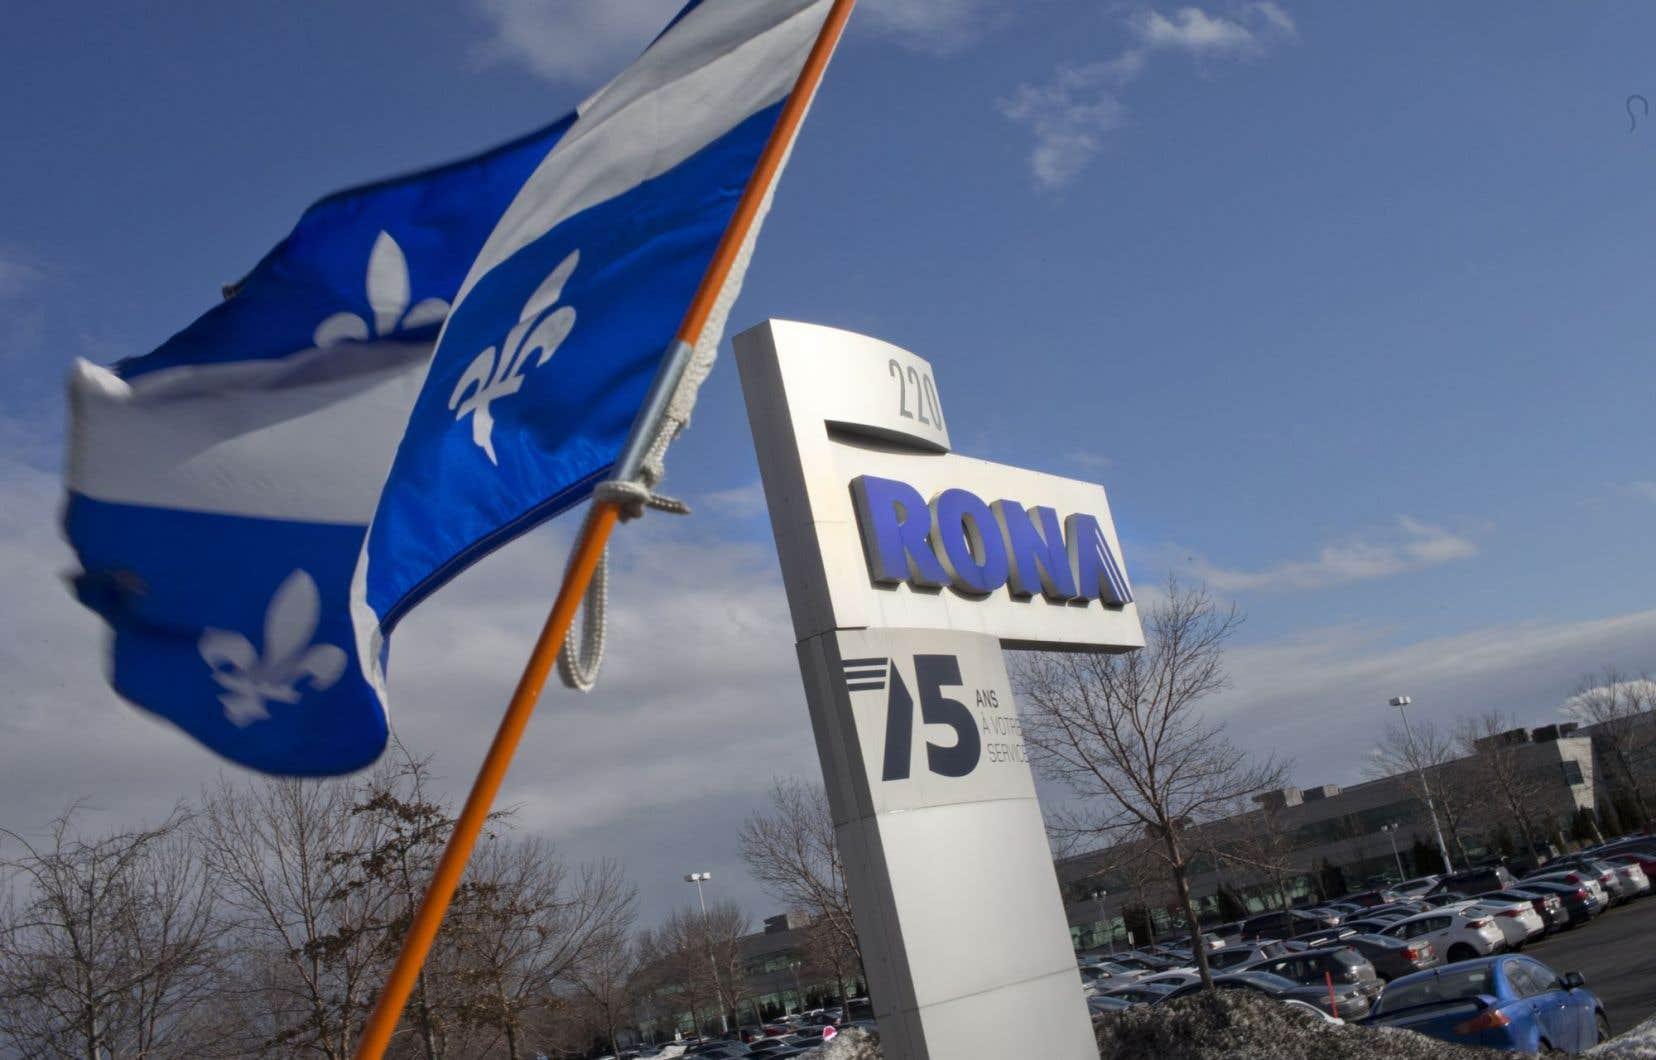 Lowe's prévoit que 40 magasins à grande surface Rona, dont 17 au Québec, adopteront le nom de l'entreprise américaine au cours des quatre prochaines années.